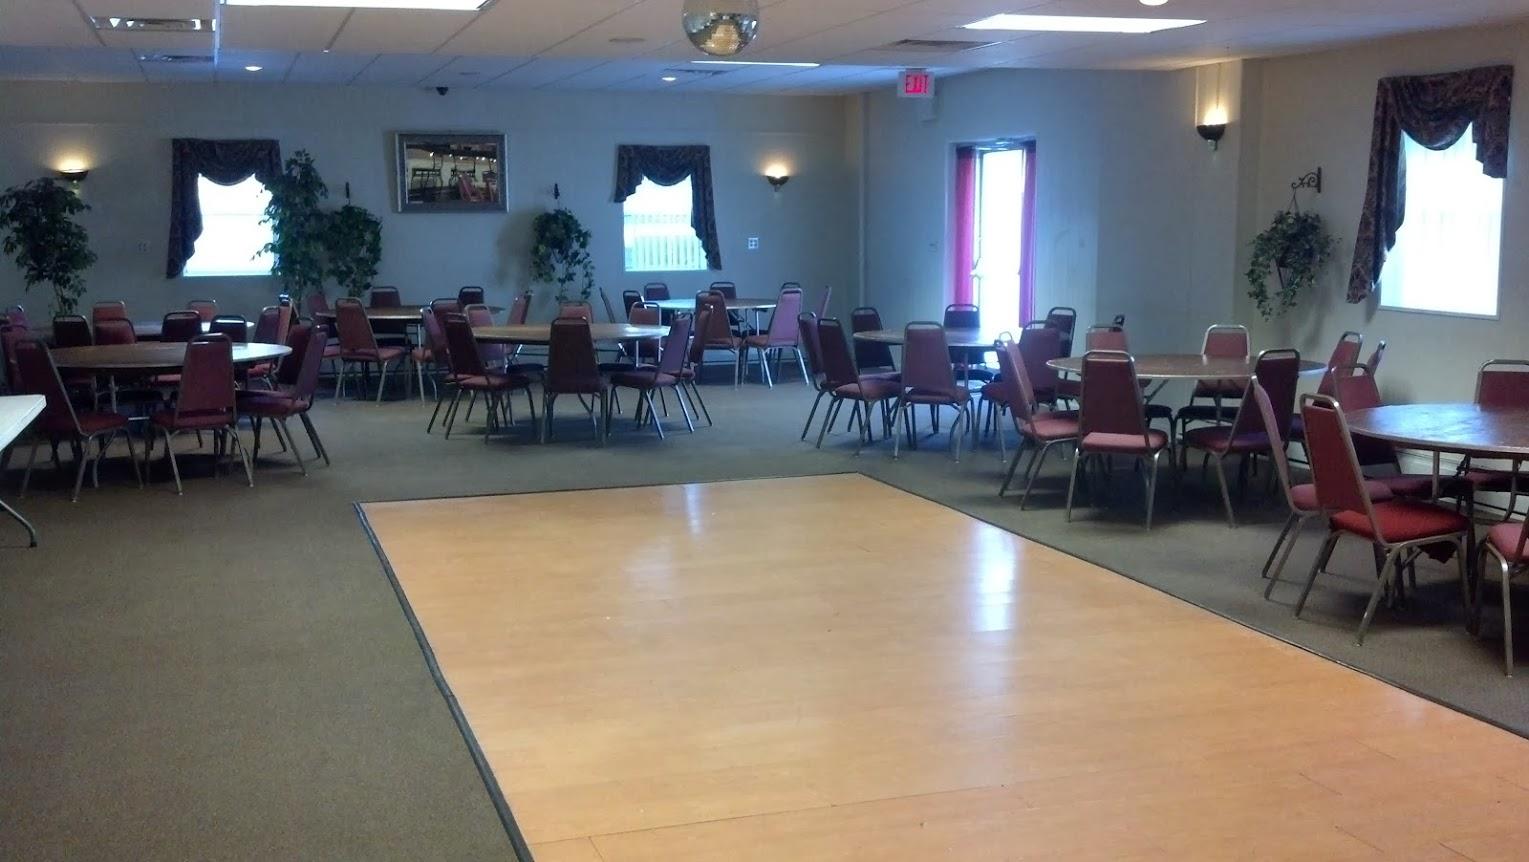 Washington Township Ambulance Hall The Willow Room Hall